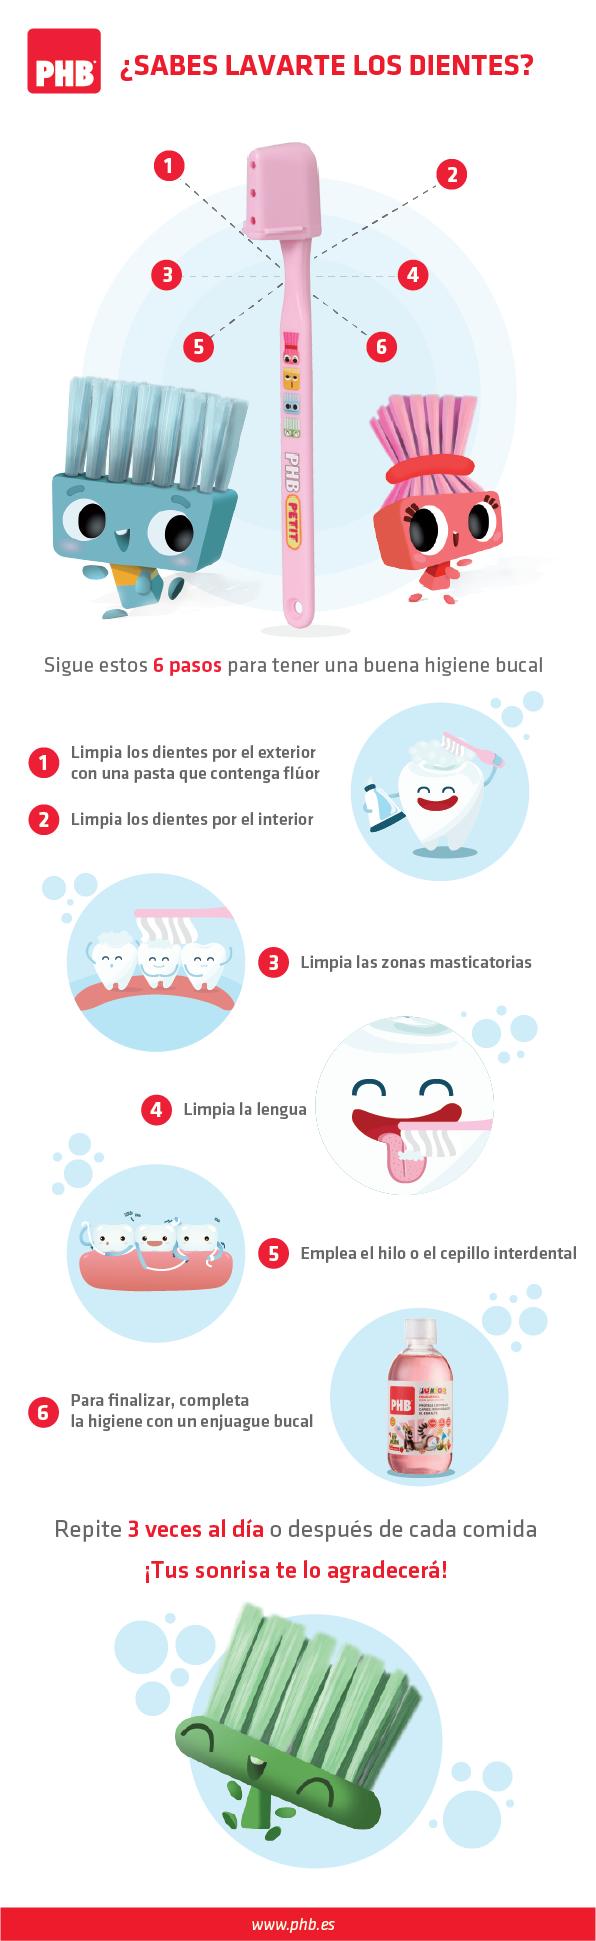 ¿Sabes lavarte los dientes?